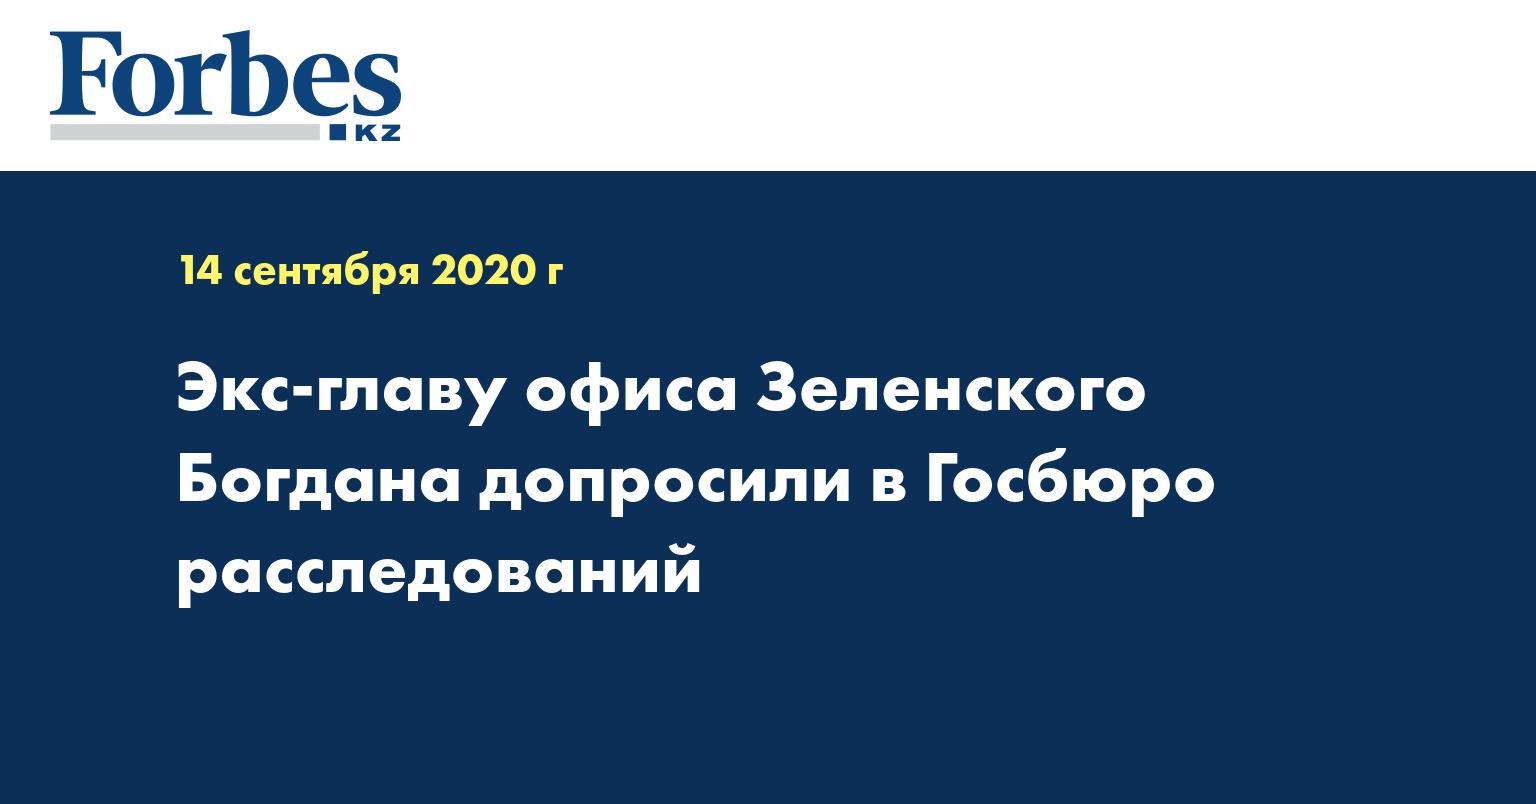 Экс-главу офиса Зеленского Богдана допросили в Госбюро расследований